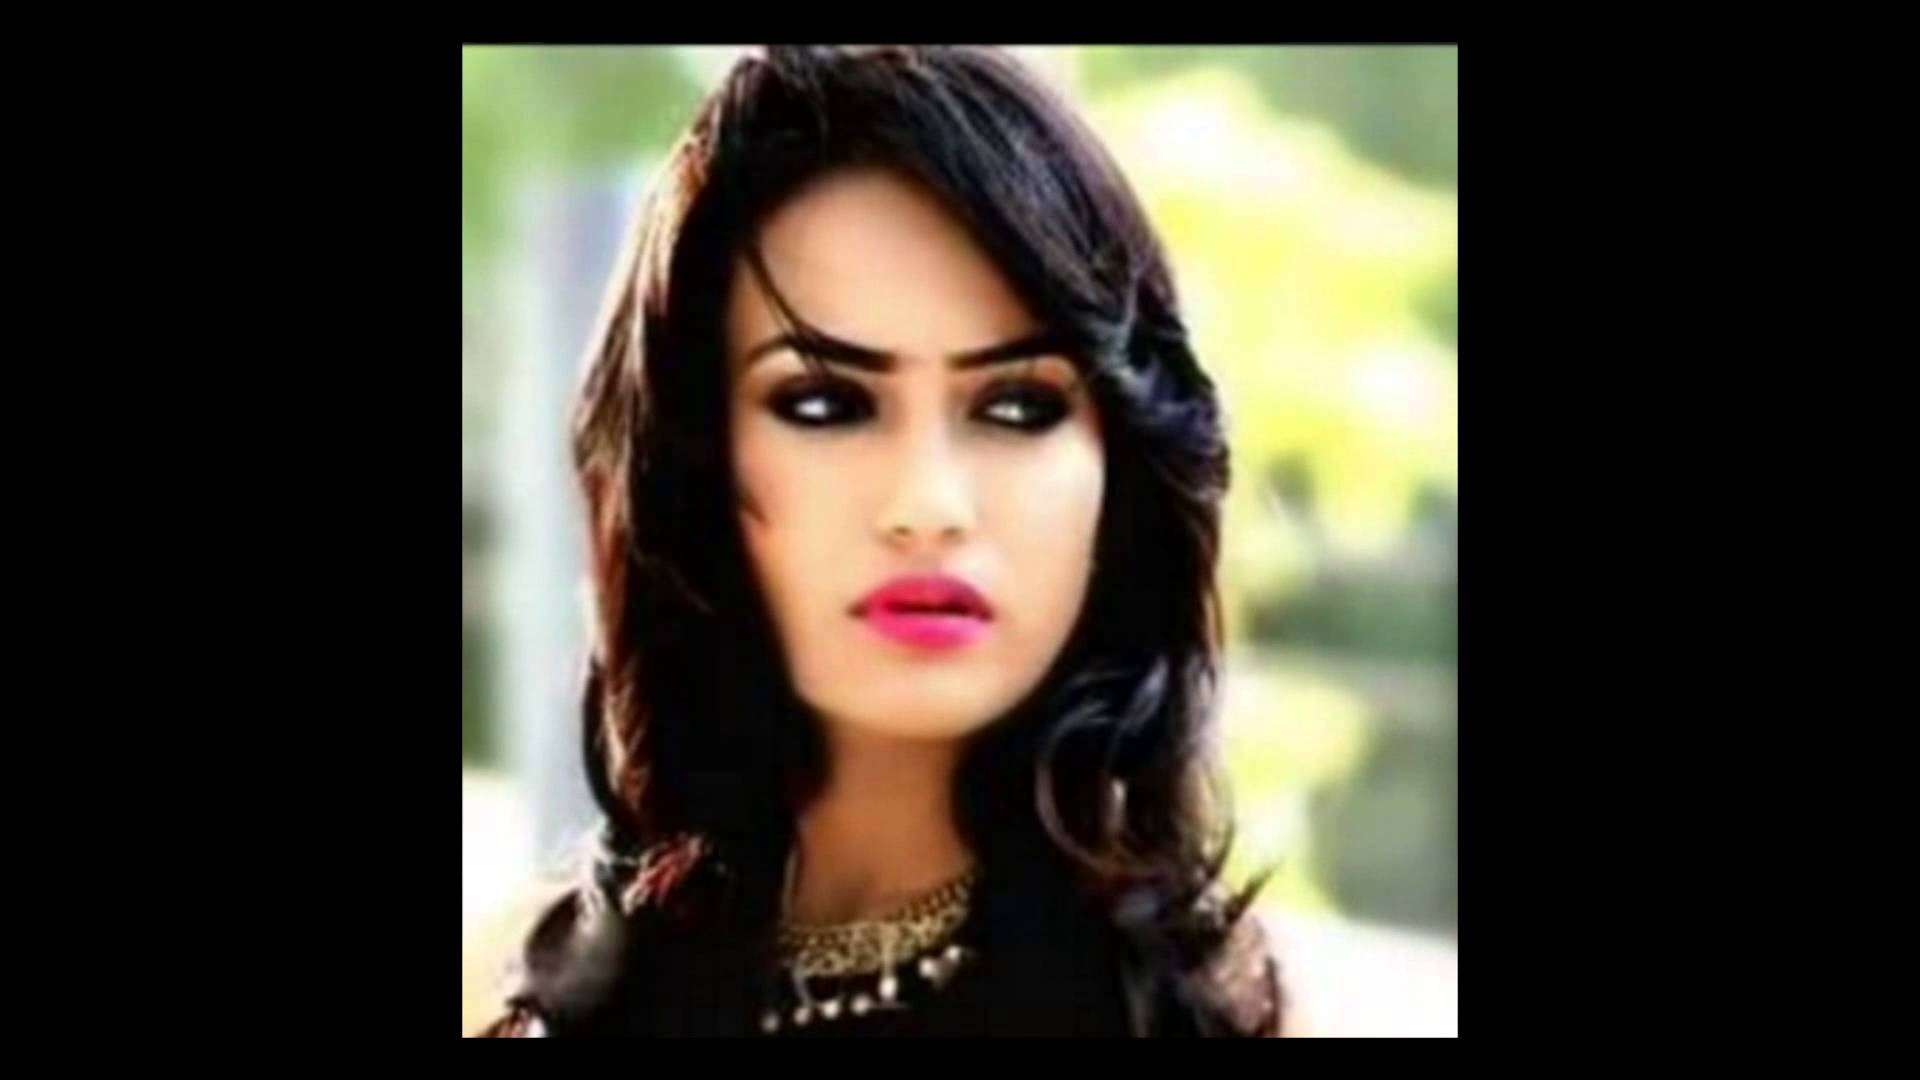 بالصور اجمل الهنديات , اجمل الممثلات الهنود 3785 2